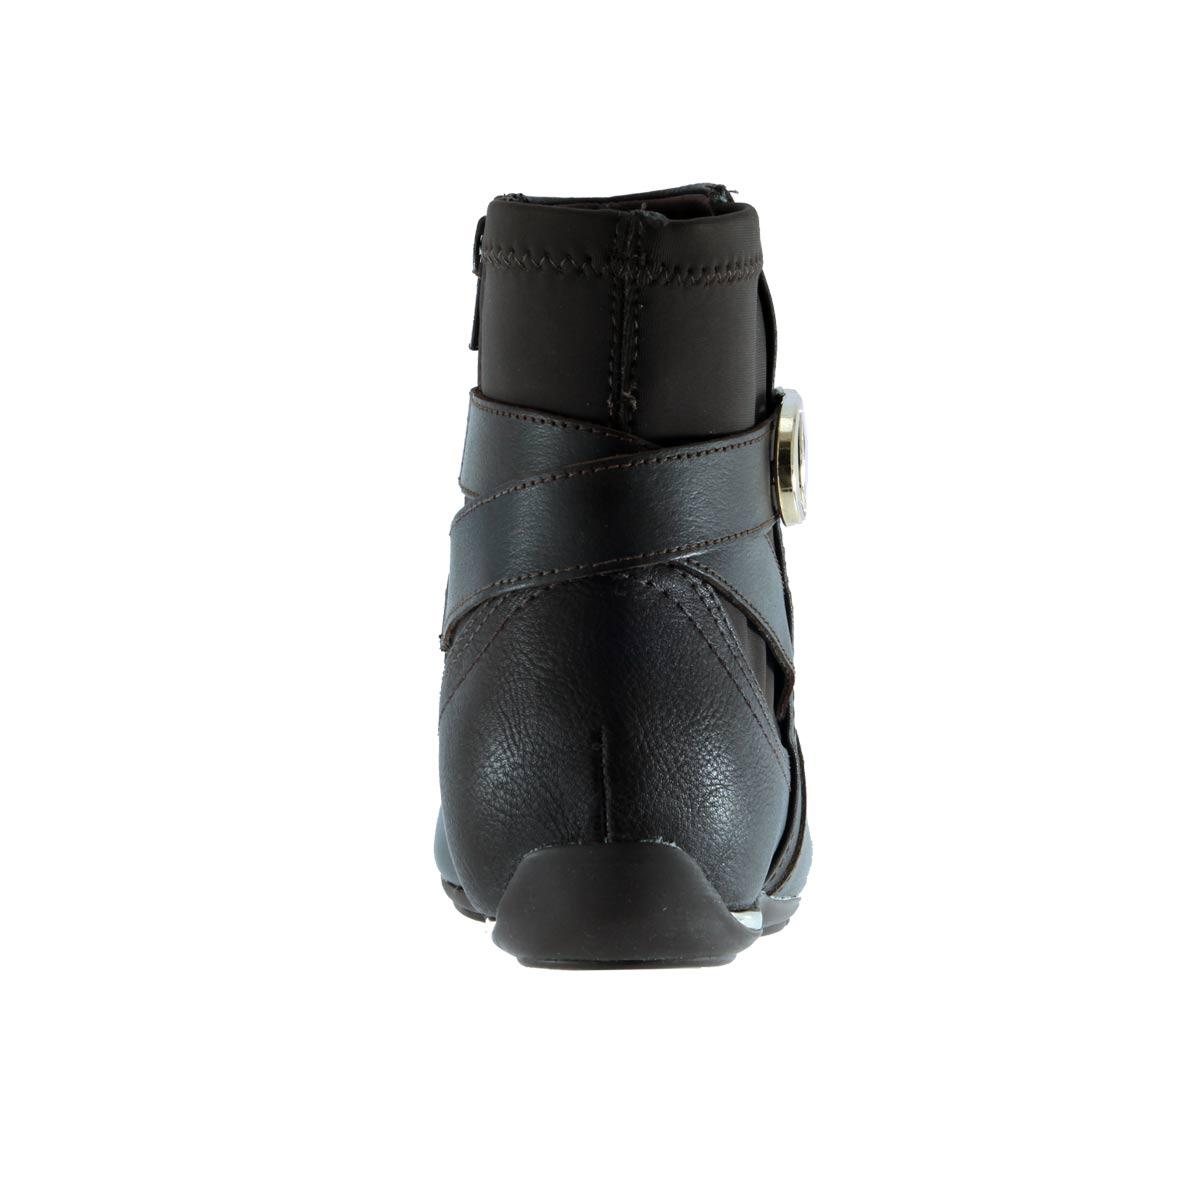 Bota Cano Curto Comfortflex Solado Embutido Fivela 1791306